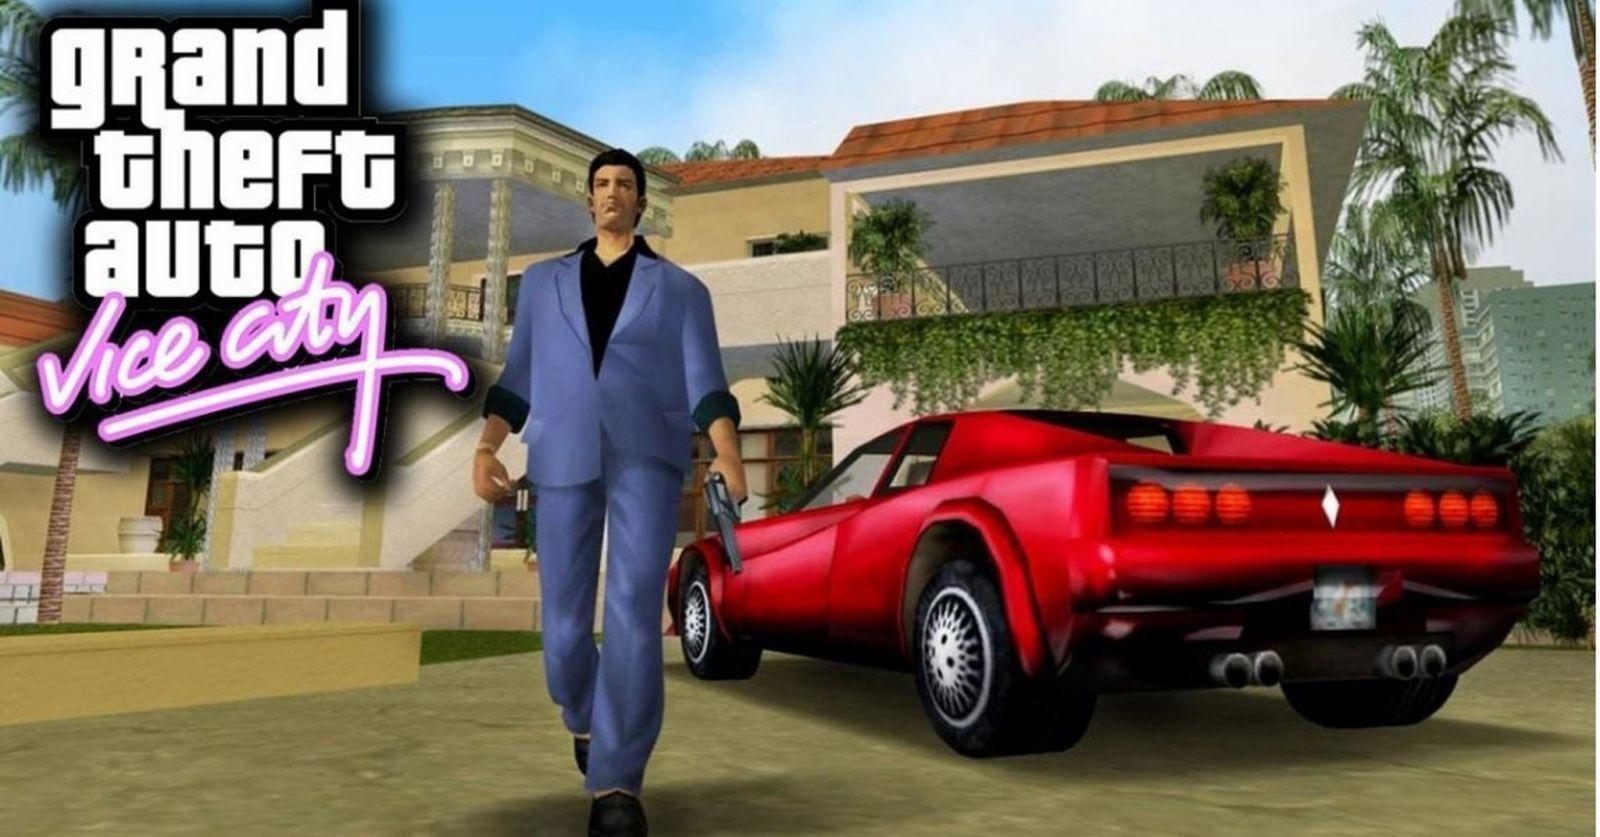 Дэн Хаузер, сооснователь Rockstar Games, покидает компанию (157216932117352657)